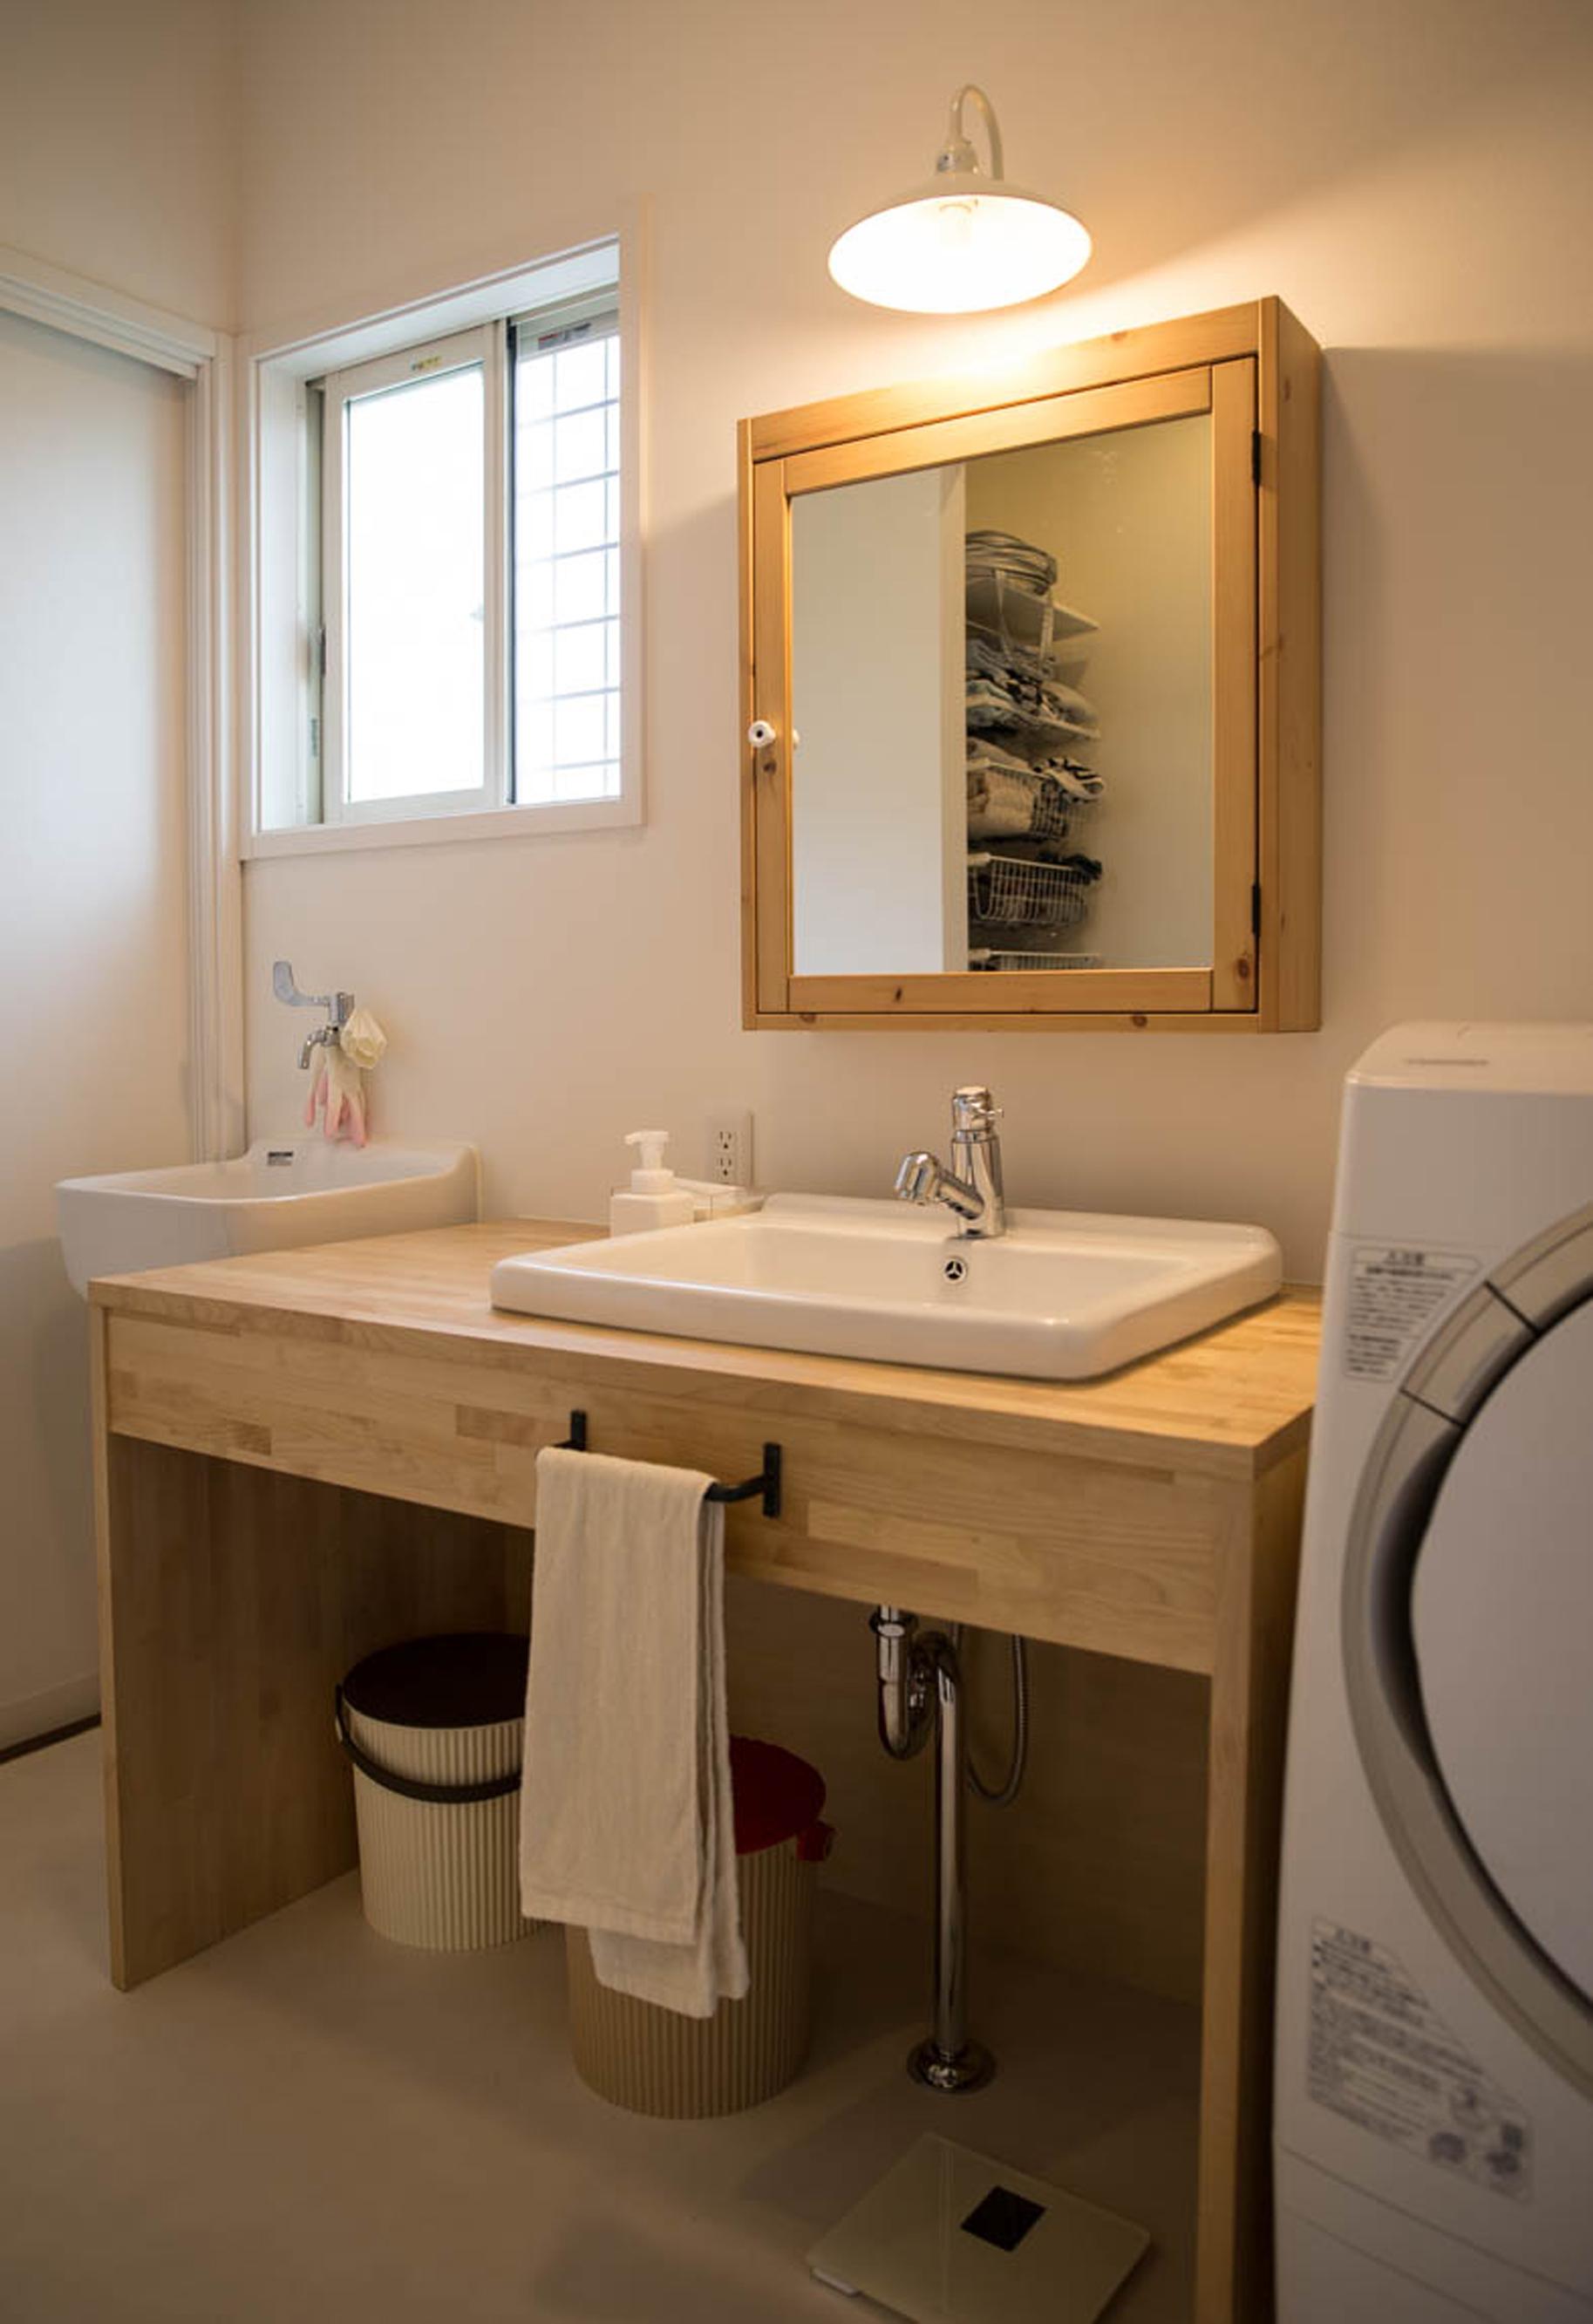 ハートホーム【デザイン住宅、収納力、間取り】洗面所だけはあえてテイストを変えてナチュラルで明るいイメージに。鏡の内側に収納があり、木の造作洗面台の上に物を置かずにすむ。奥のスロップシンクはおむつ洗いや趣味のソーイングで使う生地の水通し用に